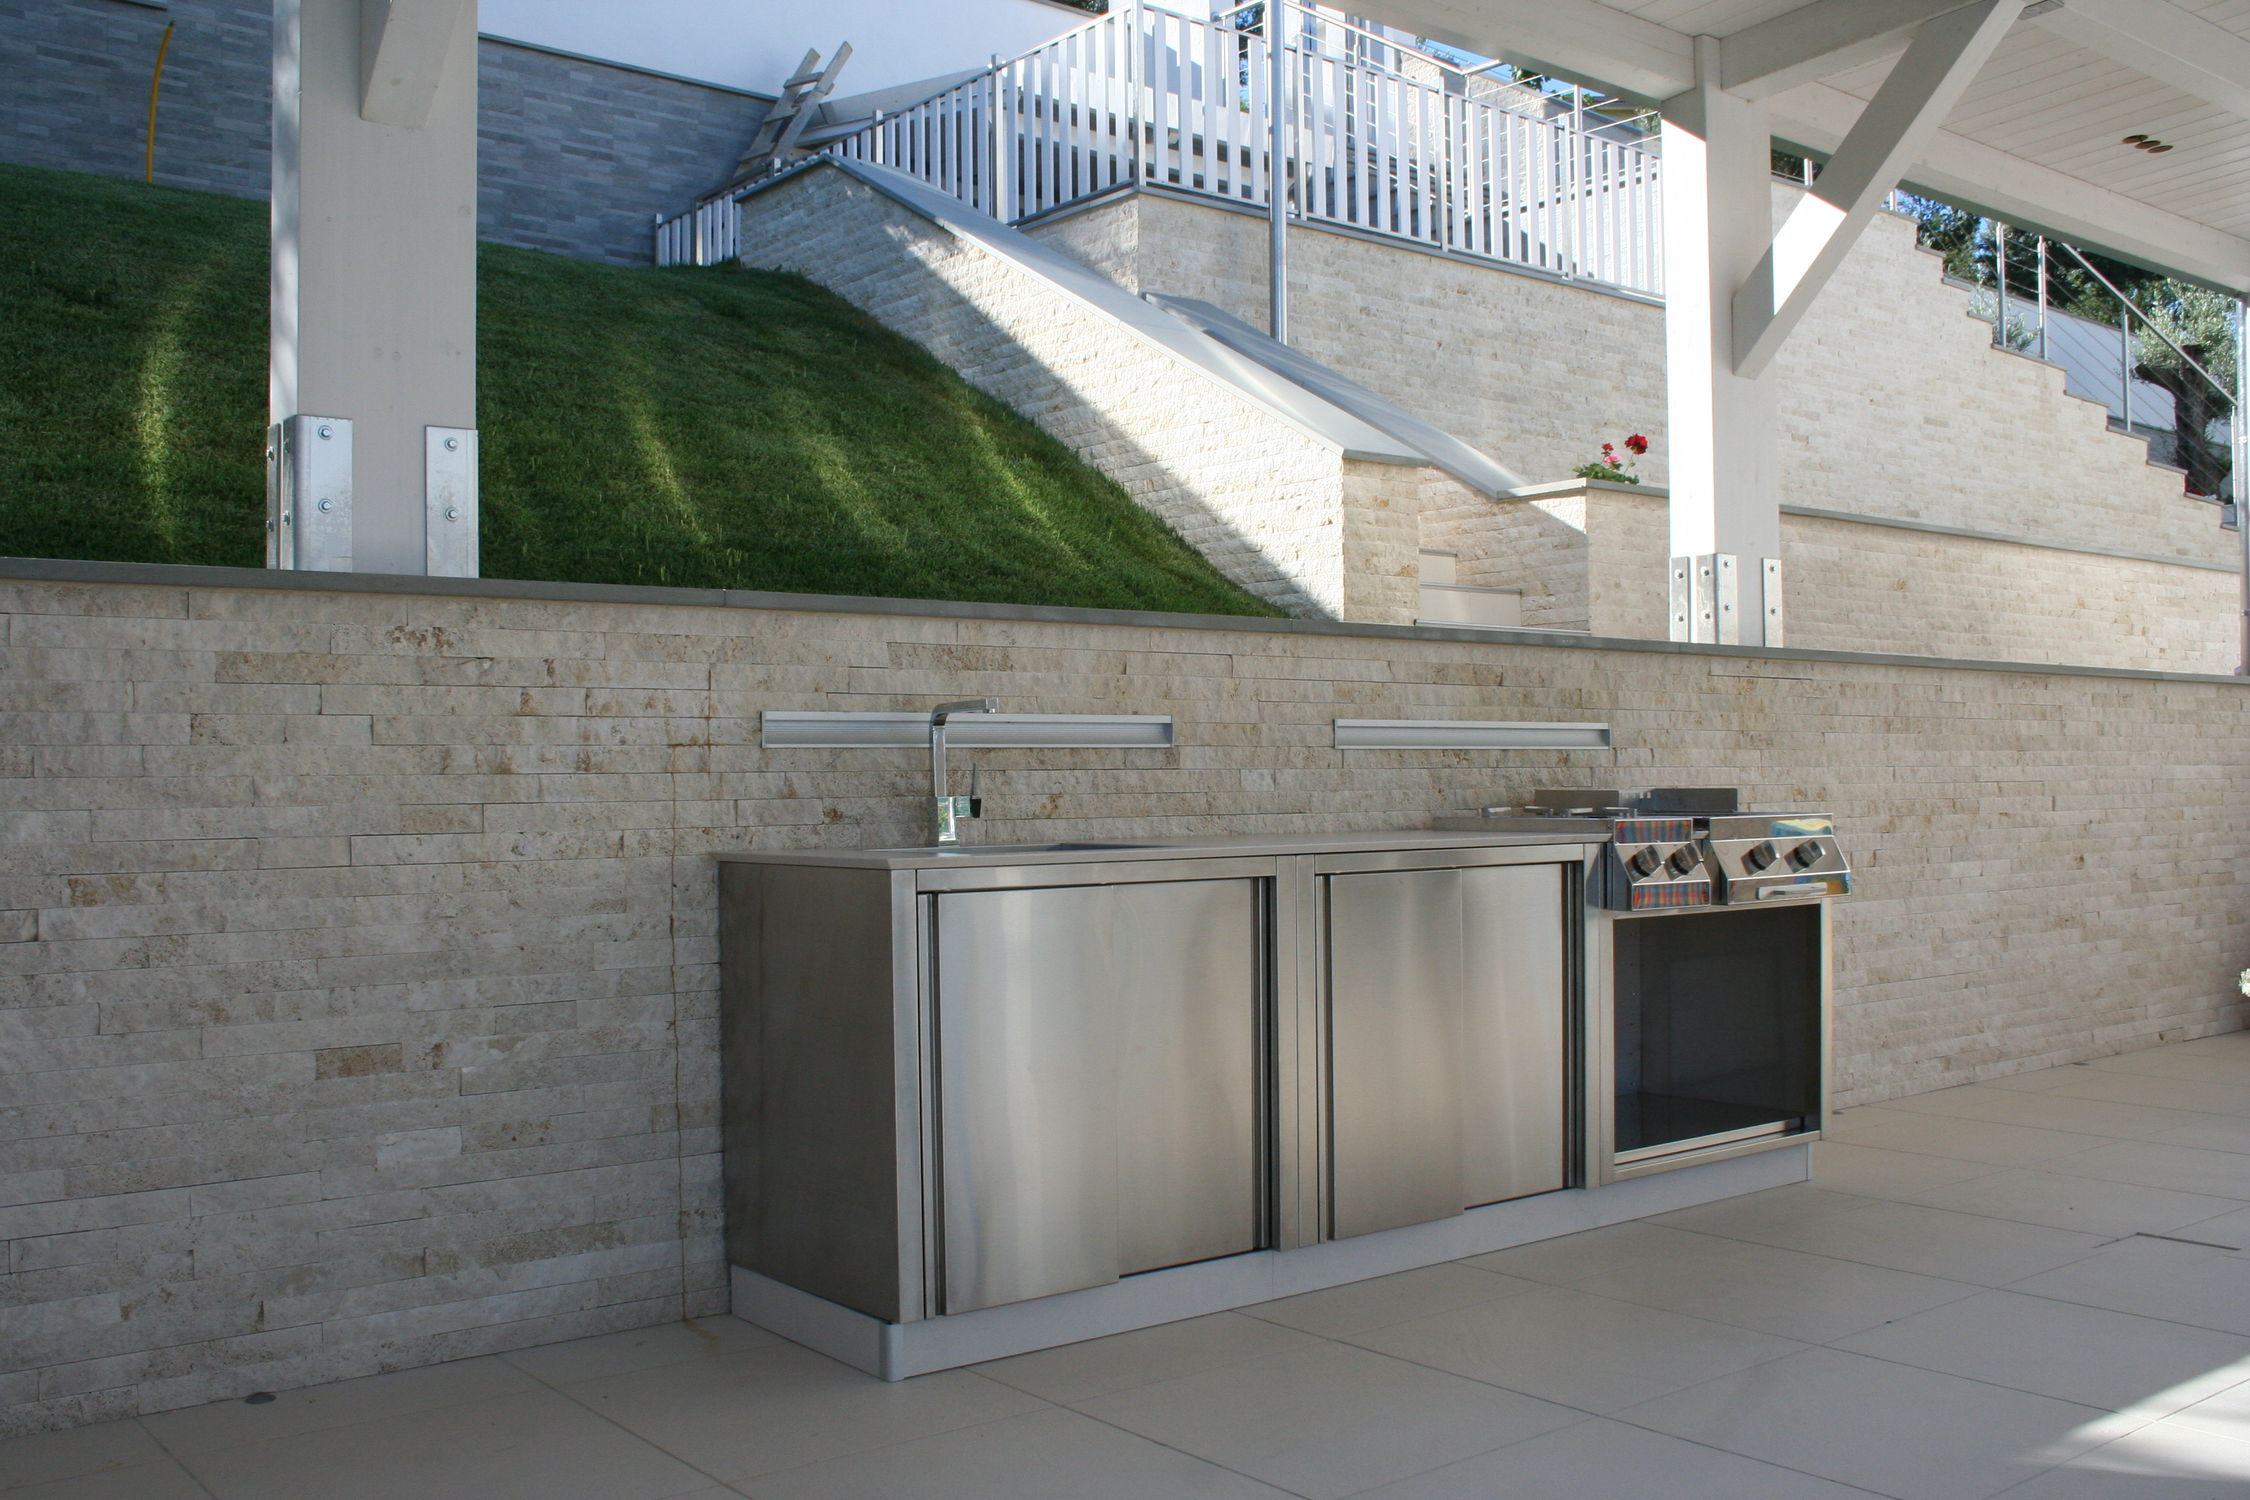 Outdoor Küche Edelstahl : Klassische küche edelstahl außenbereich ohne griff outdoor